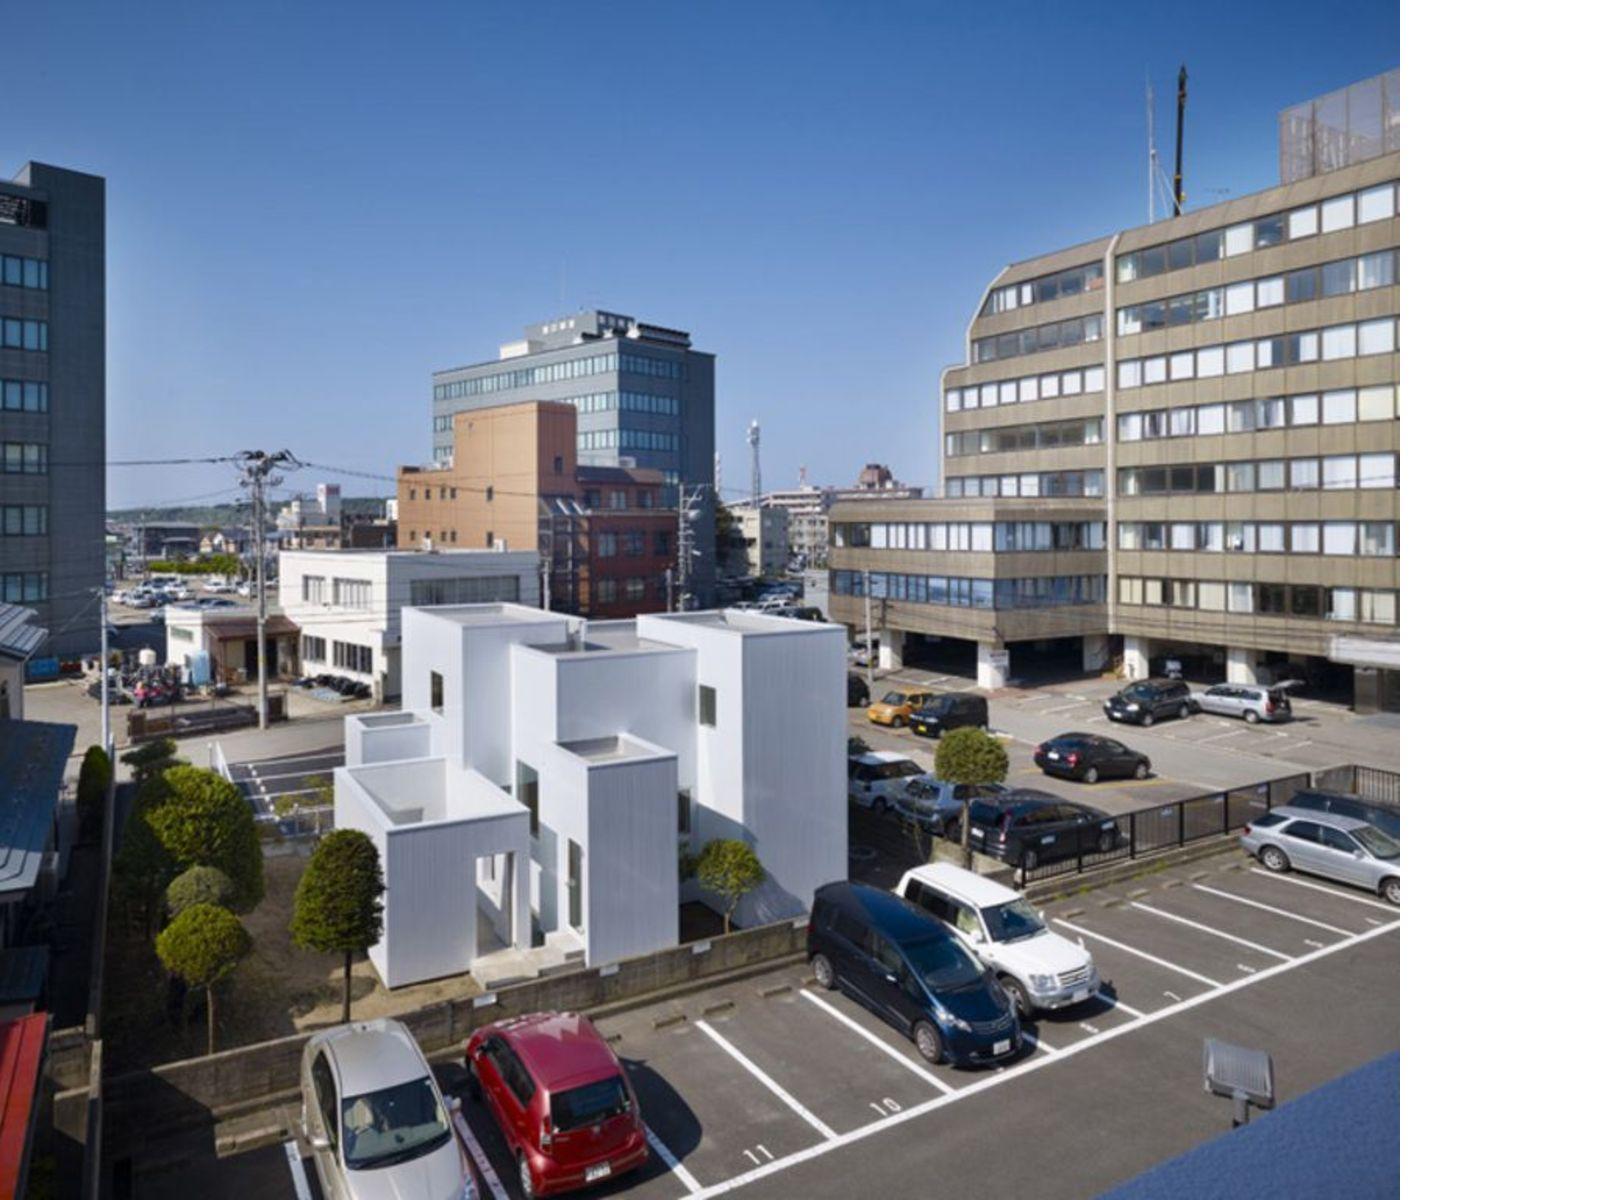 Japon, que voir ?  Les maisons en ville